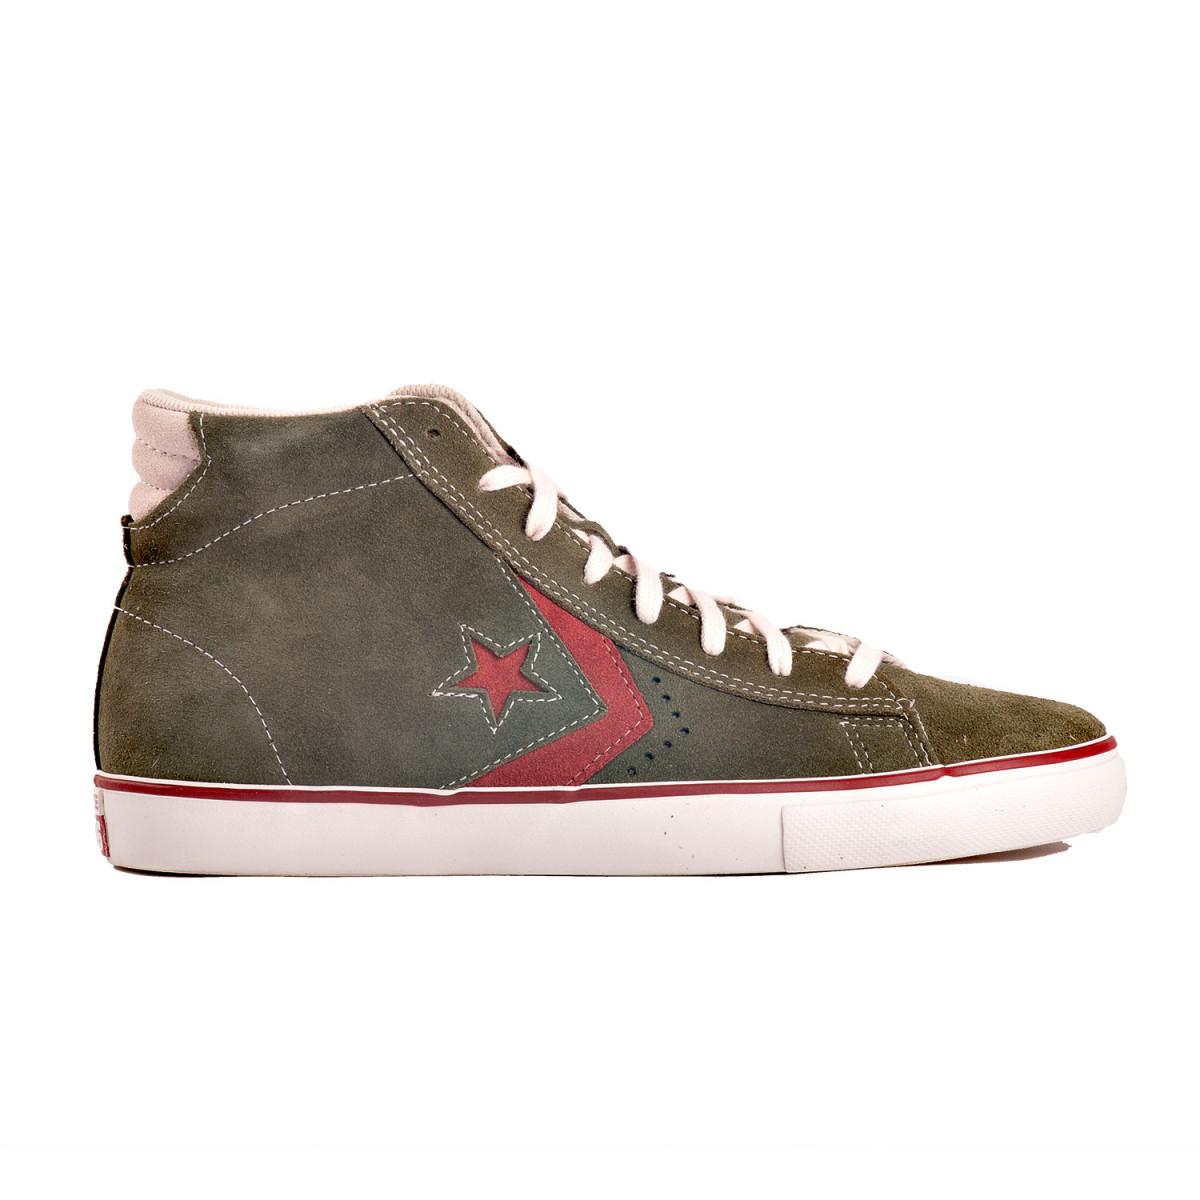 Zapatillas Converse Pro Leather Vulc Hi